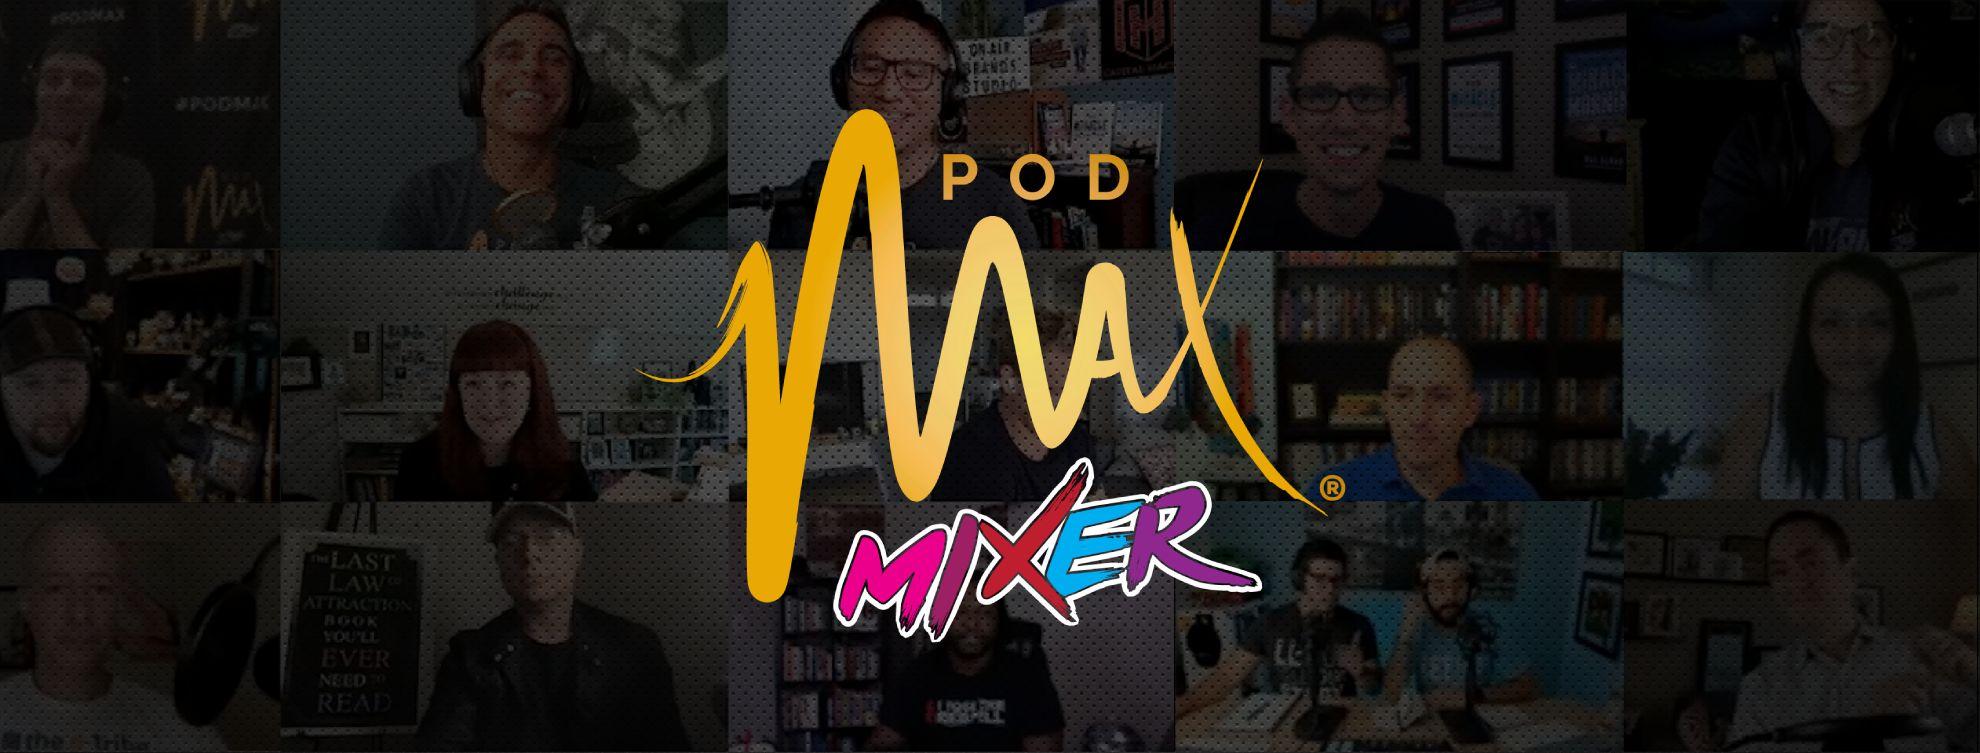 PodMAX Mixer Banner